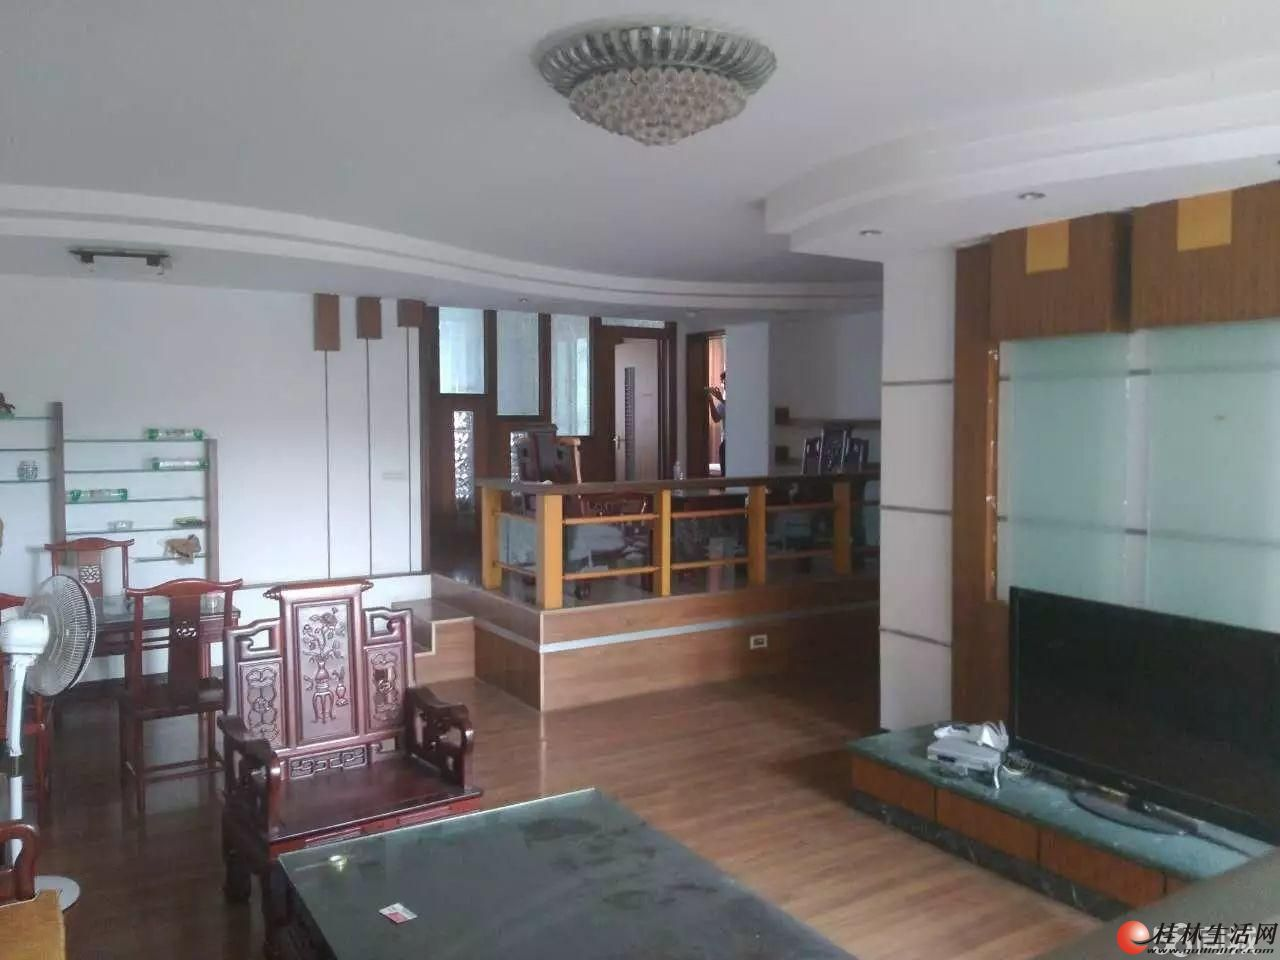 出售,龙隐学区家乐商贸城,3房2厅2卫,148平米,电梯6楼,92万,精装修